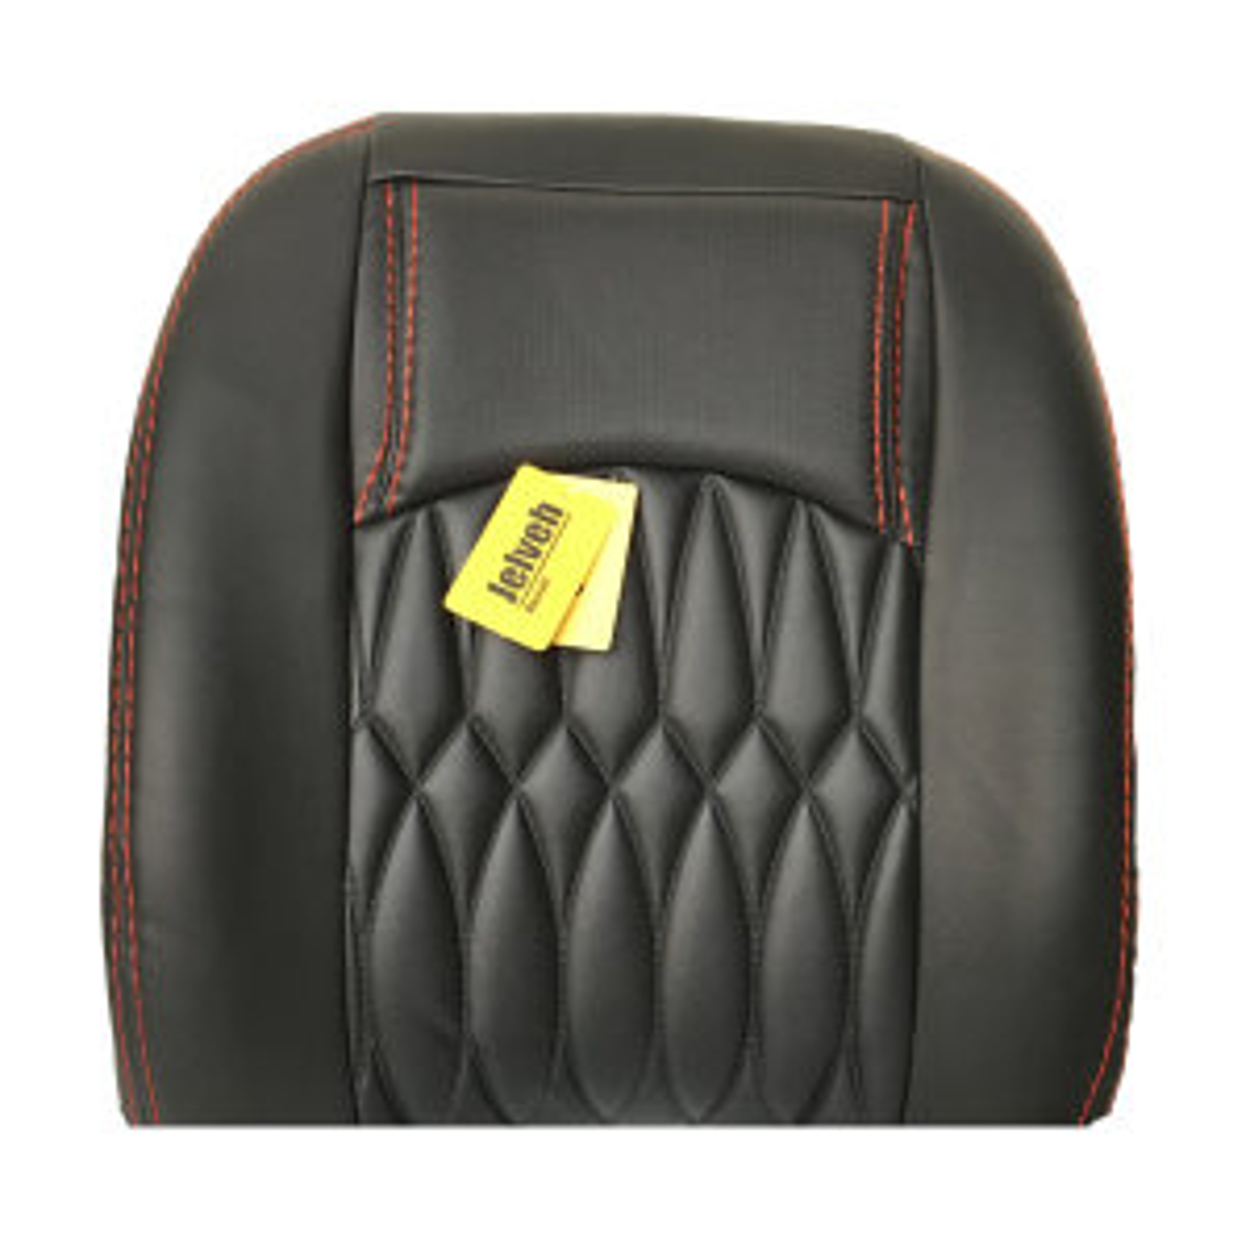 روکش صندلی خودرو جلوه مدل pr12 مناسب برای تیبا 2